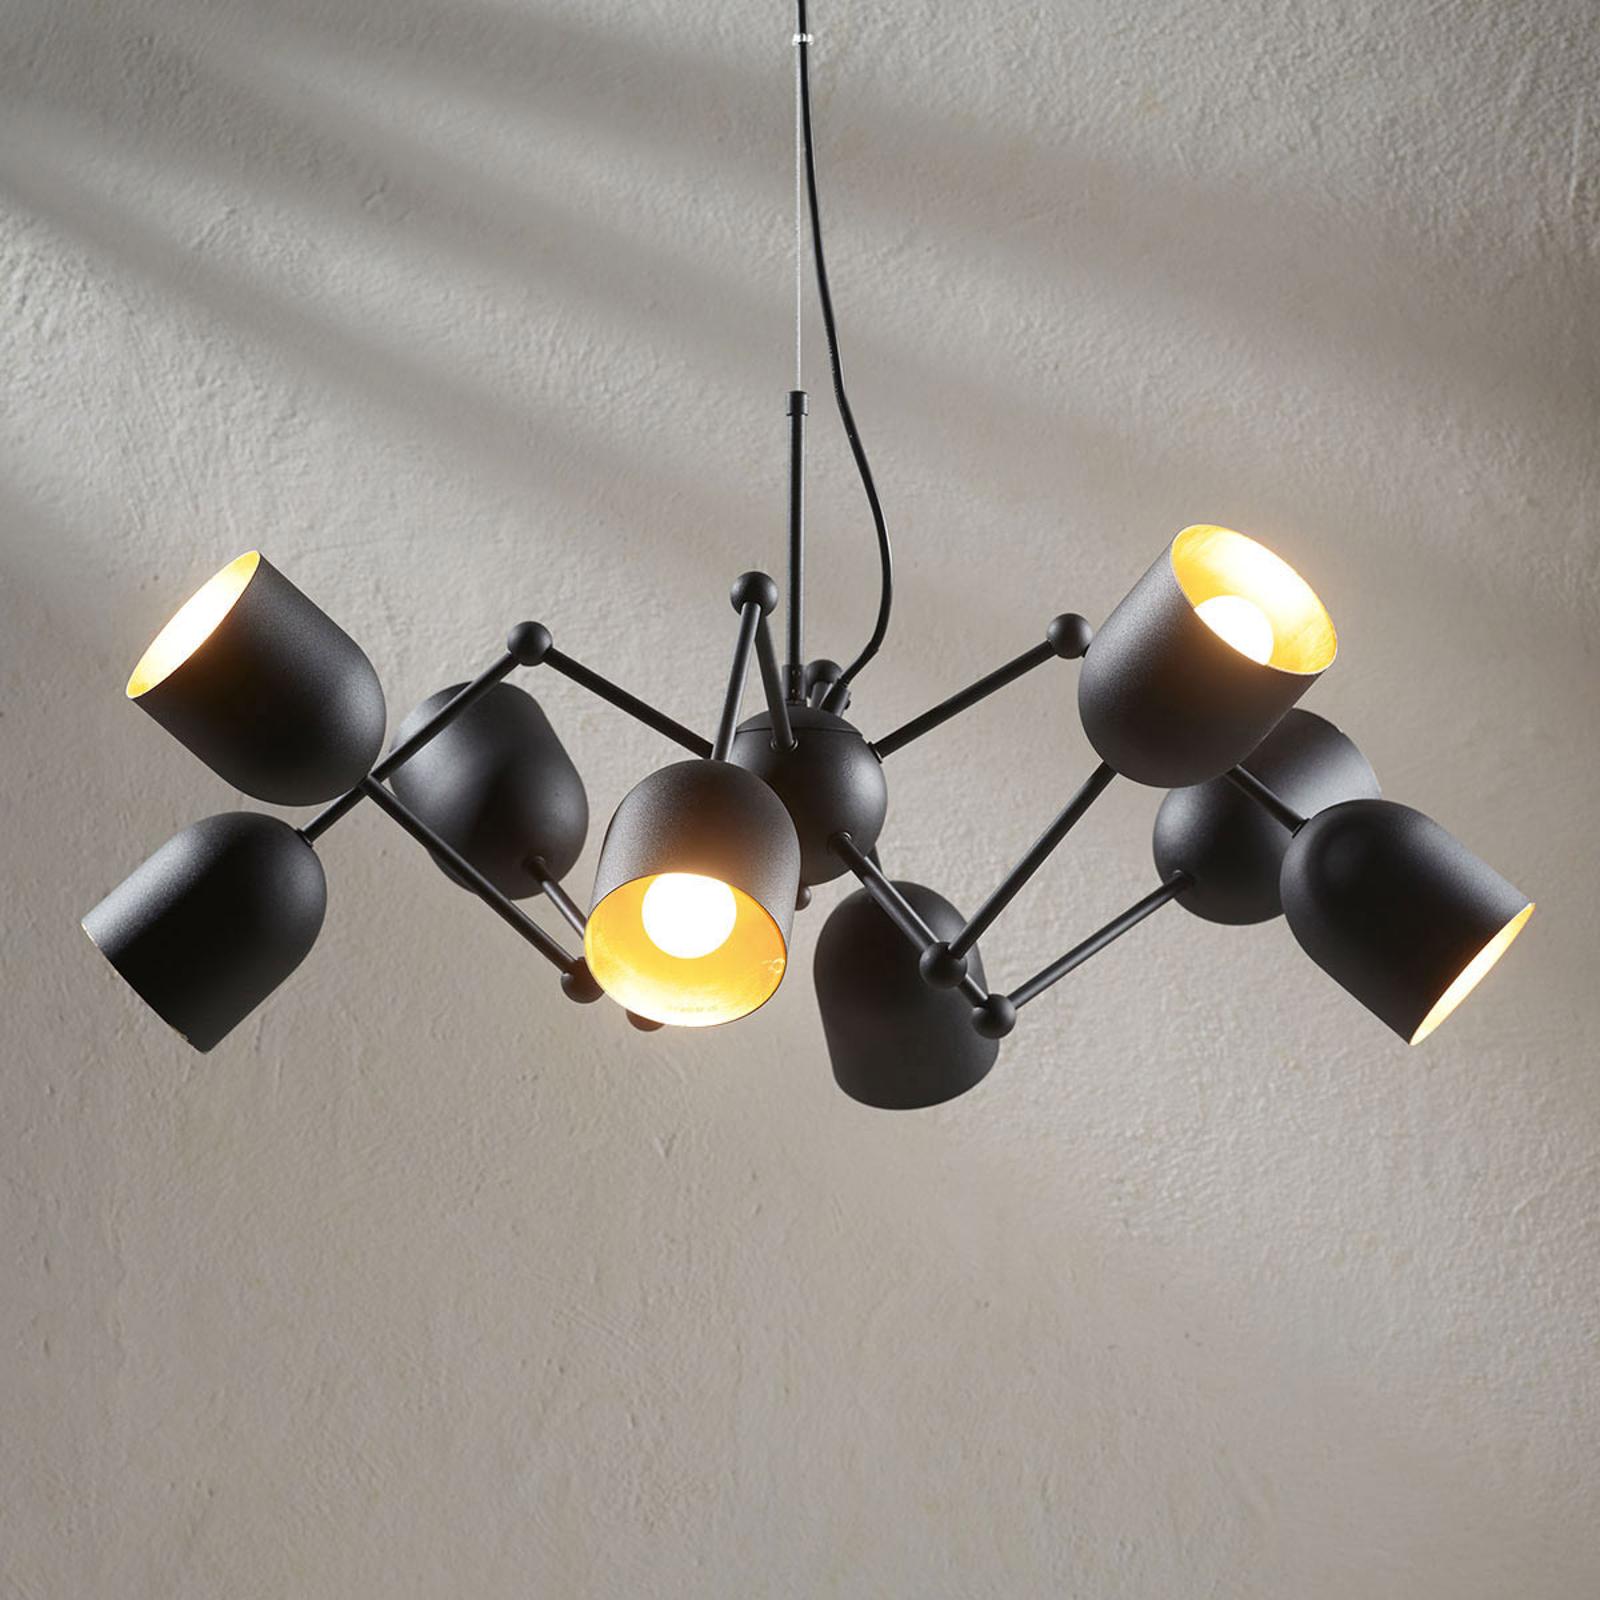 Acquista Lampada sospesa LED Morik easydim, 8 punti luce